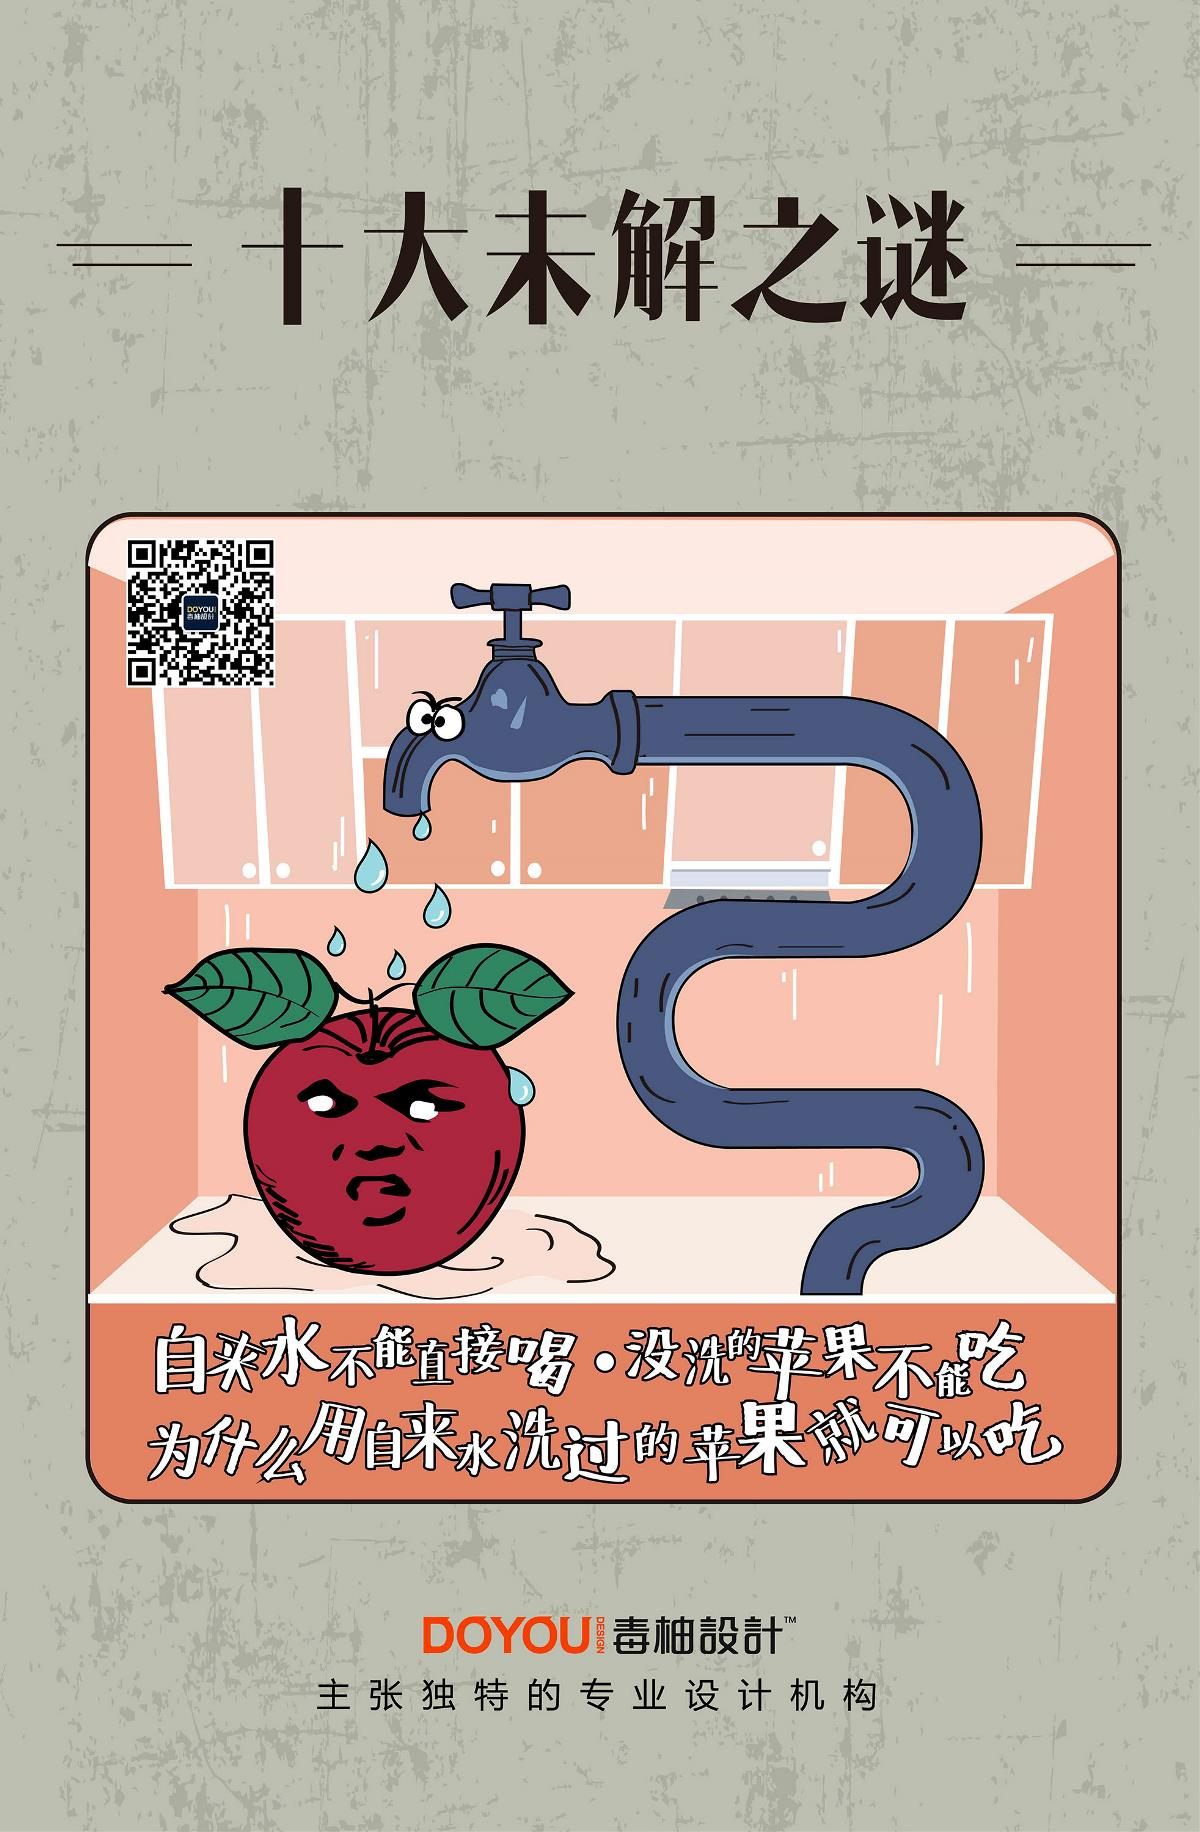 十大未解之谜-毒柚的设计之外